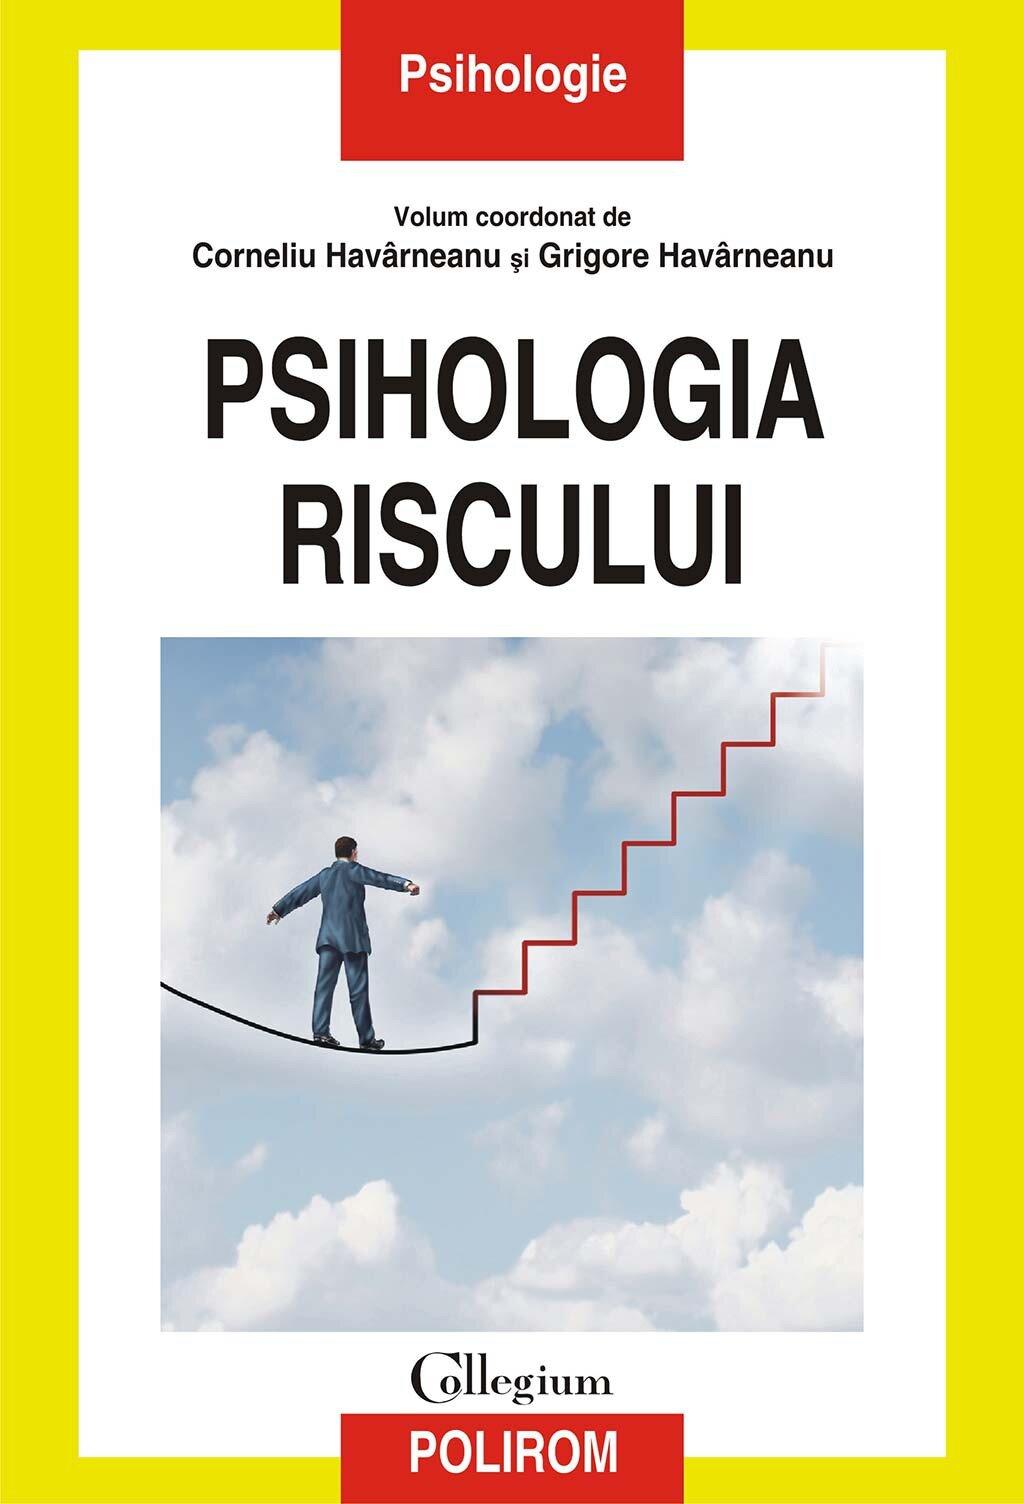 Psihologia riscului PDF (Download eBook)